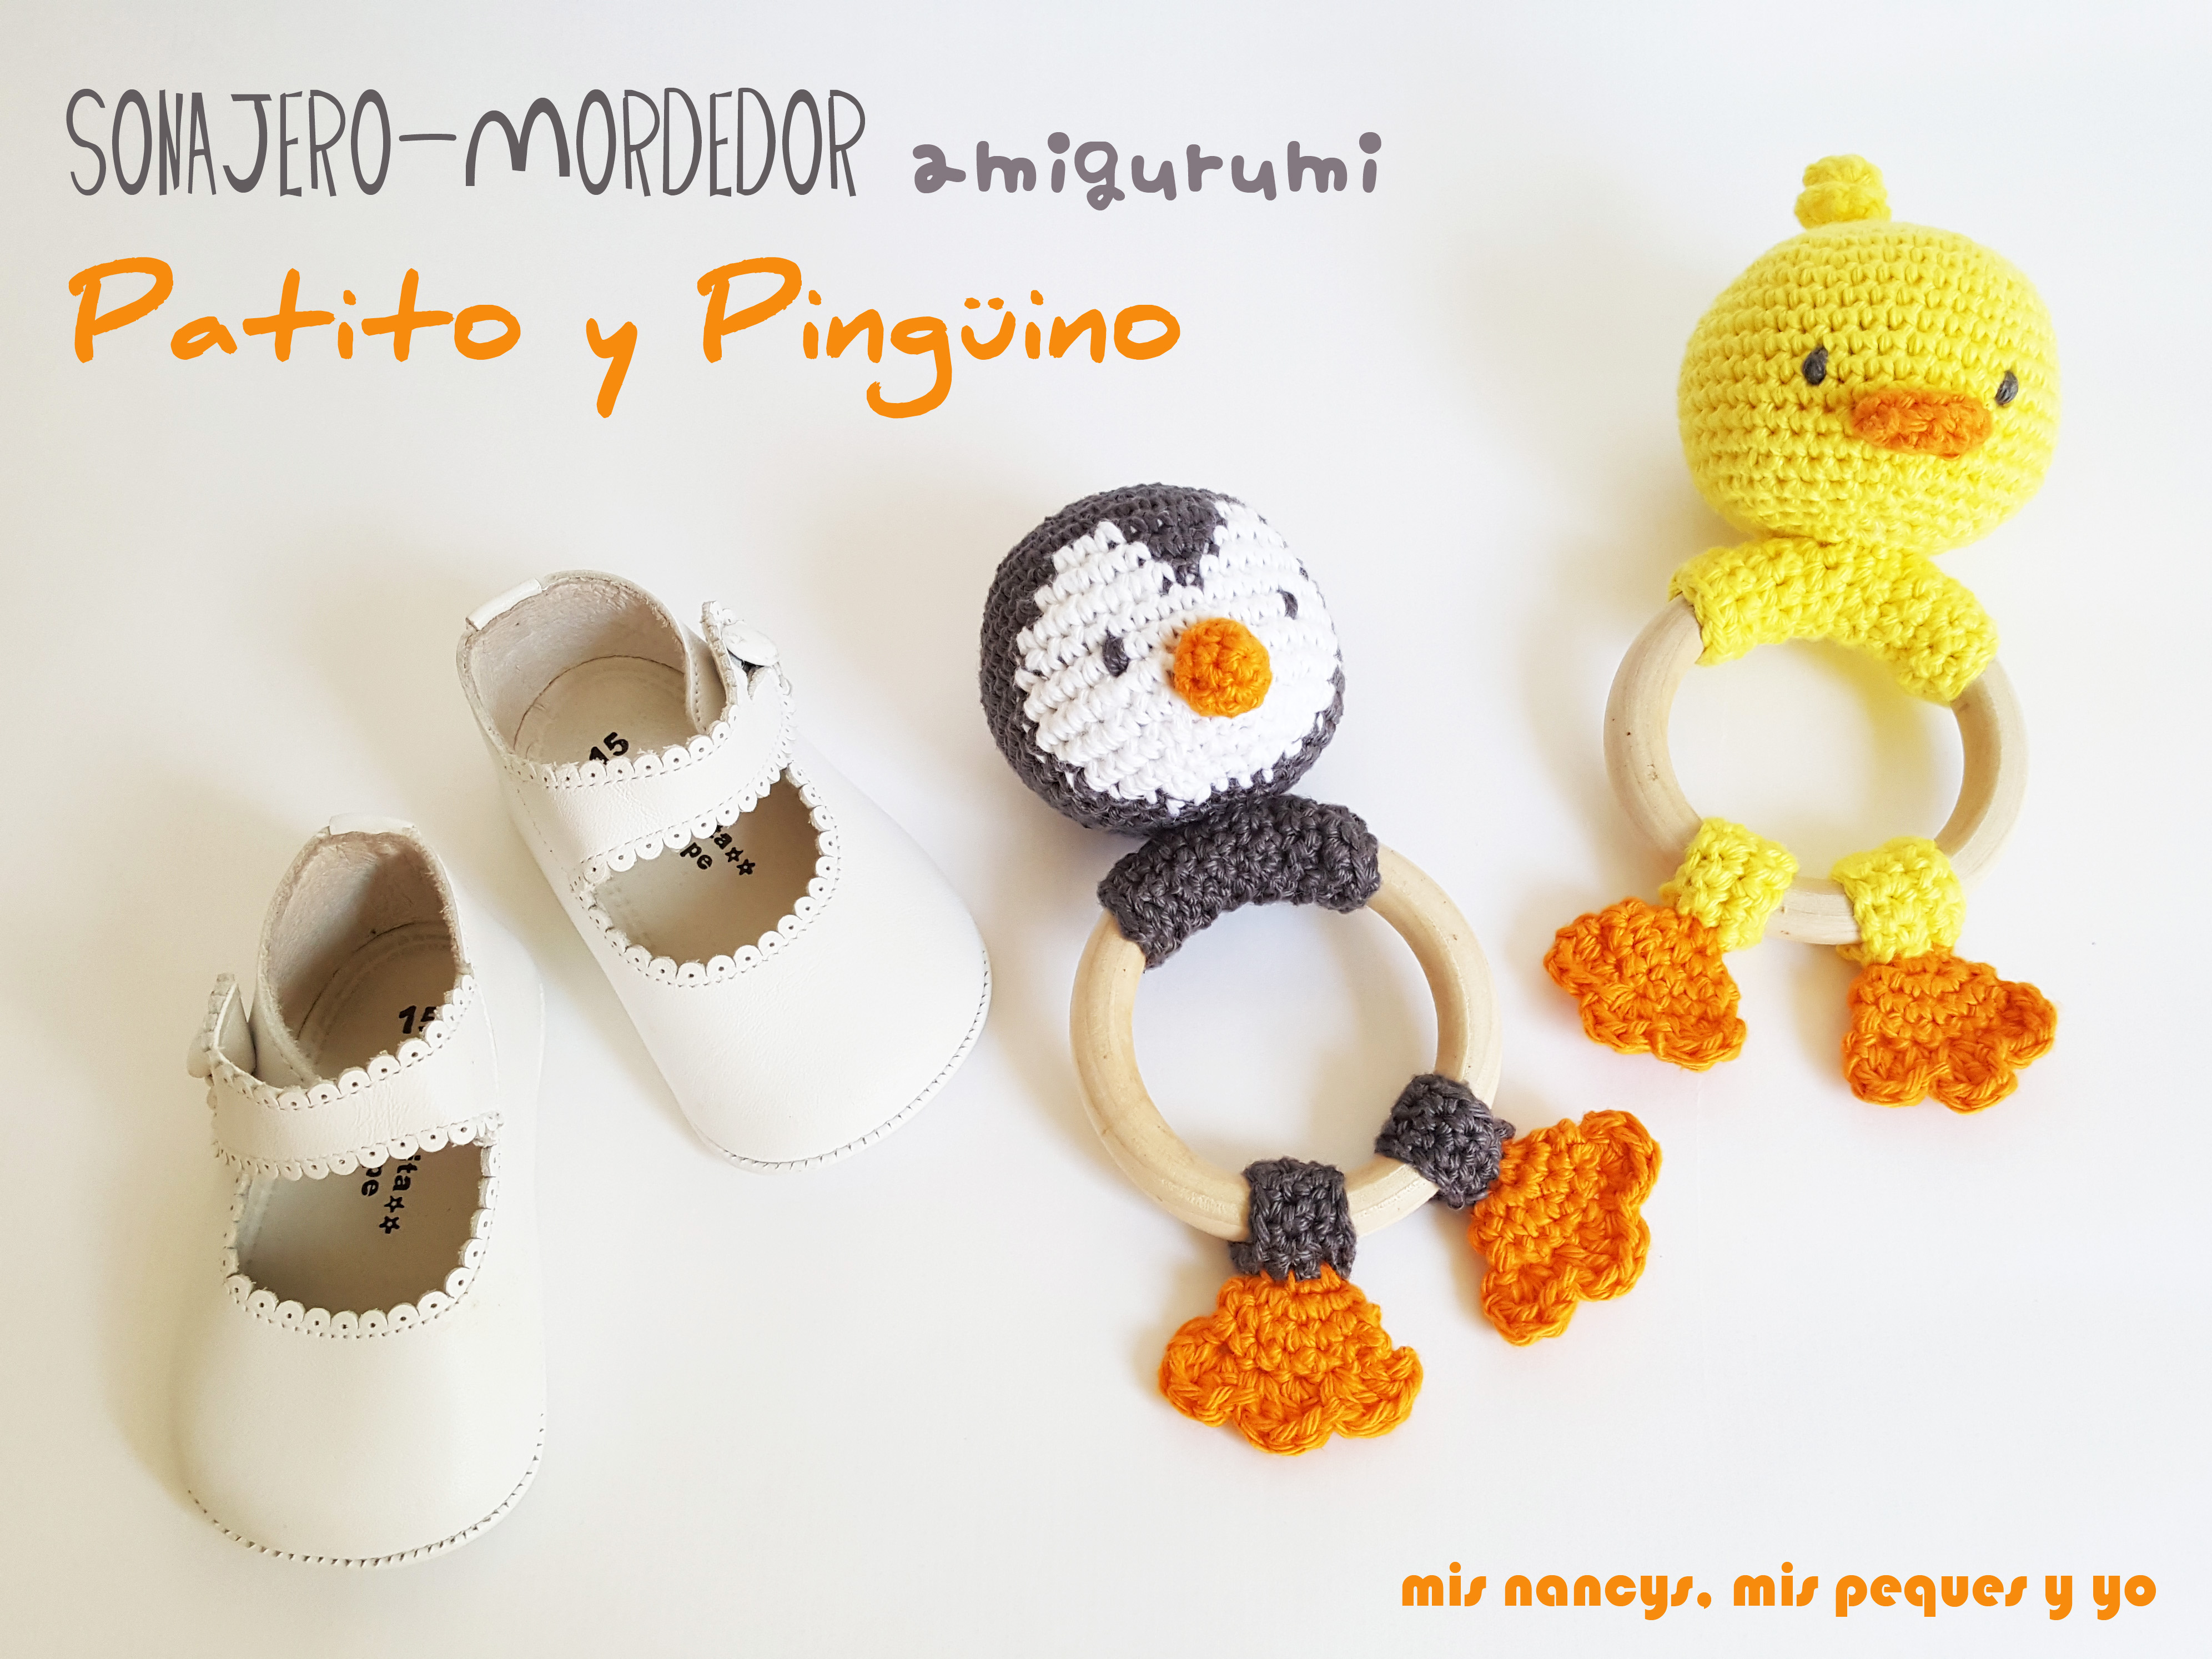 Sonajero mordedor amigurumi: Patito y Pingüino